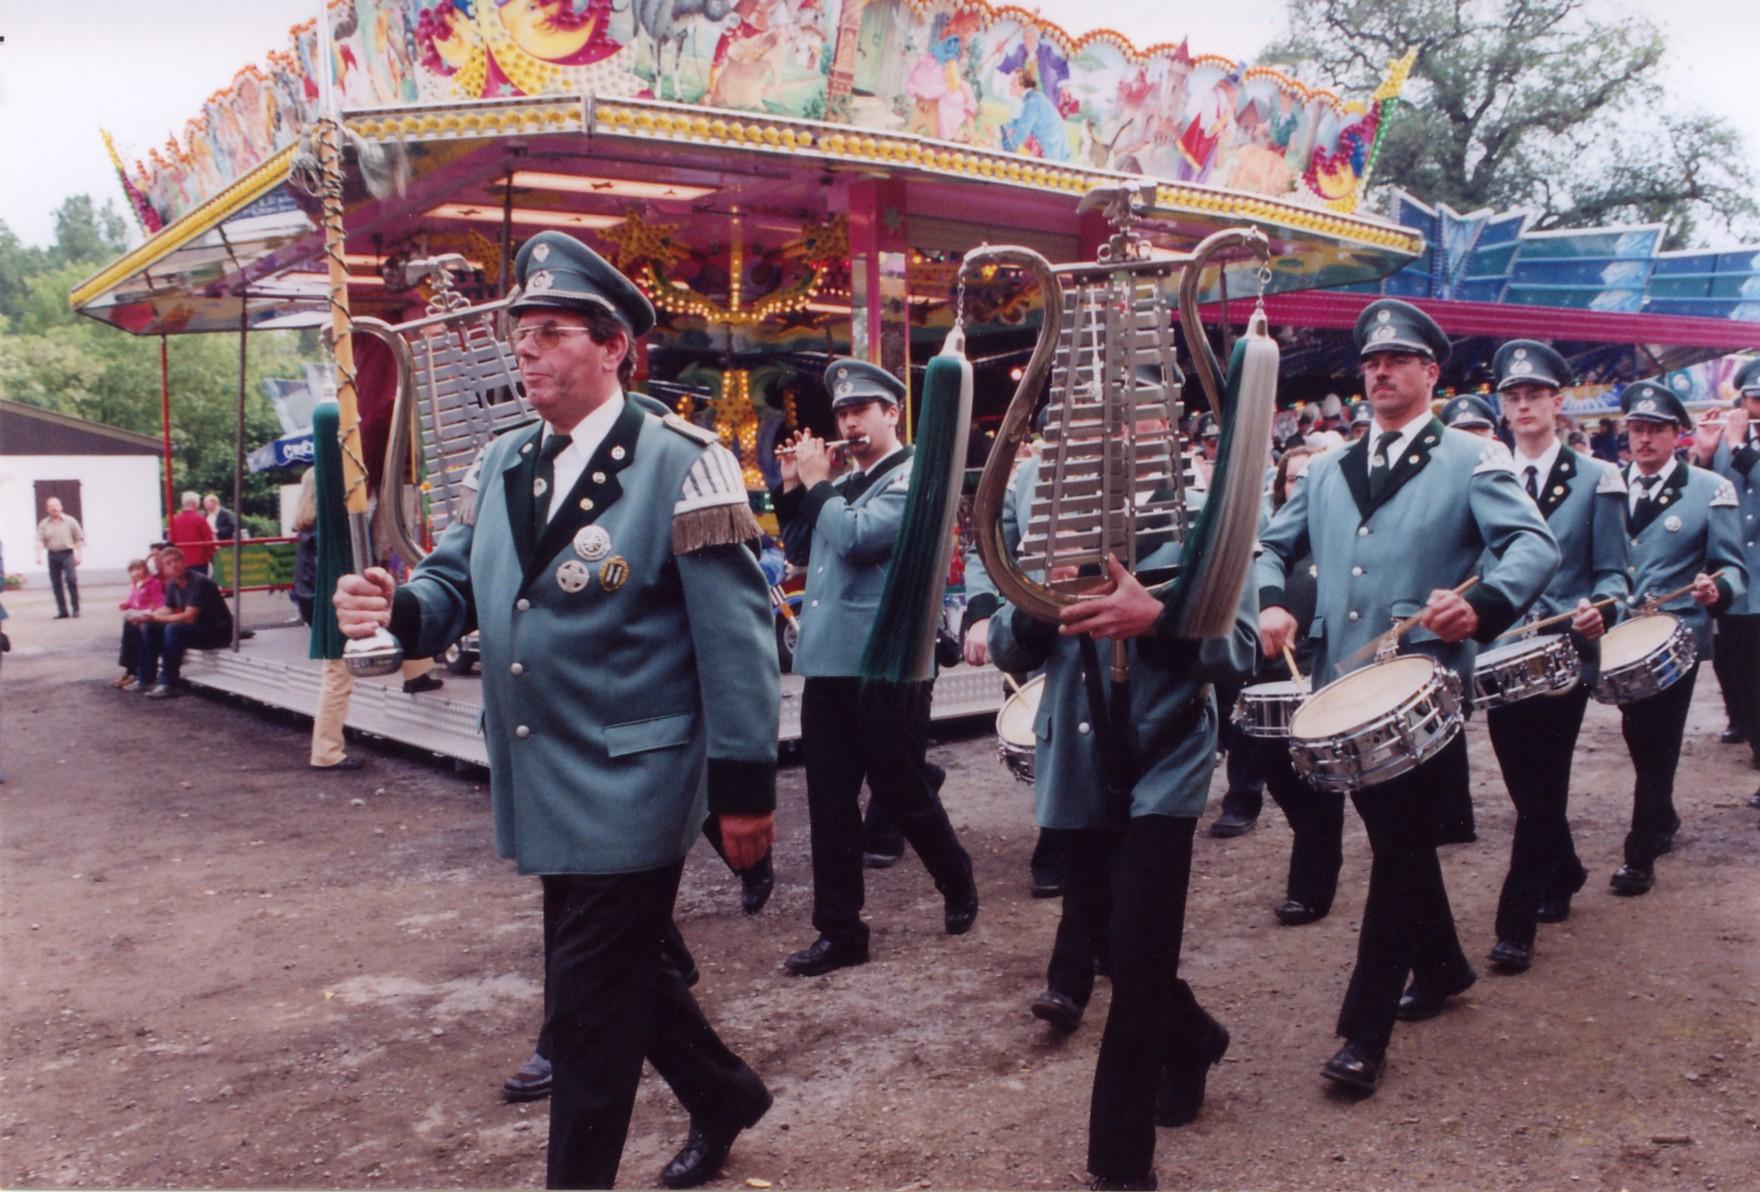 Aufnahme vom Schützenfest 2006